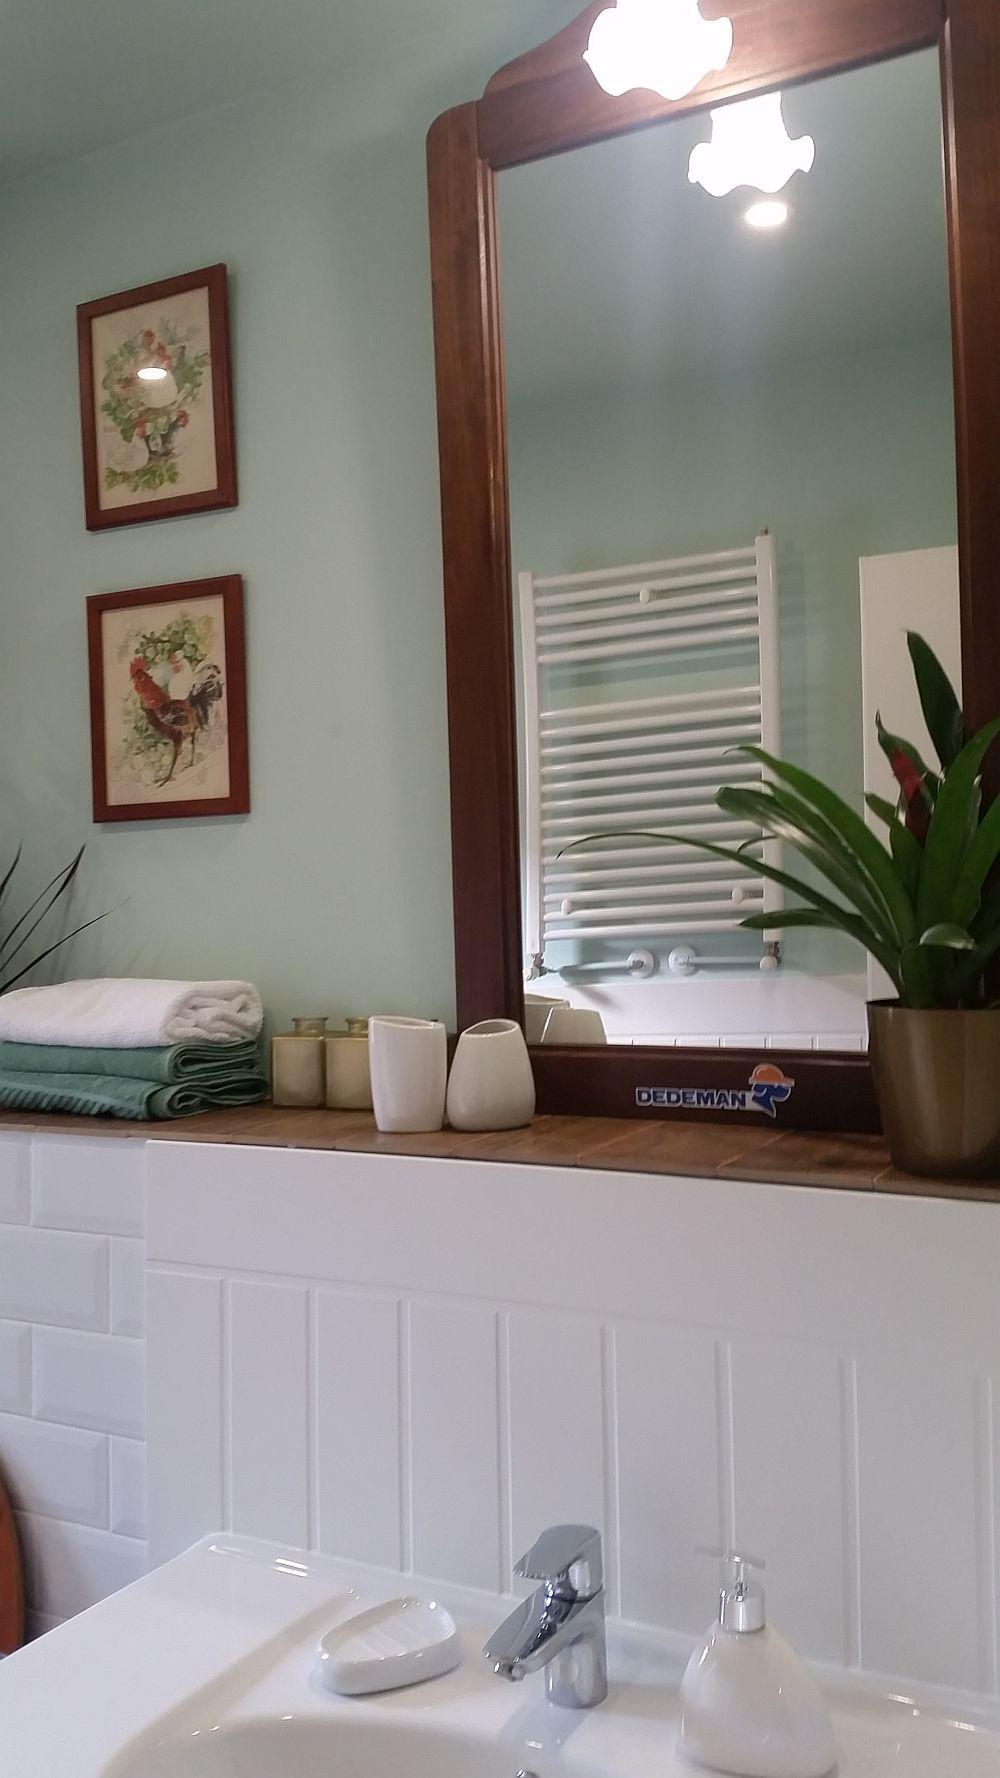 De desupra vasului wc până în peretele cu ușa există un raft continuu perfect pentru depozitarea la îndemână a produselor dpentru igienă. Alte obiecte și produse pot fi depozitare în mobila ce înglobează lavoarul.